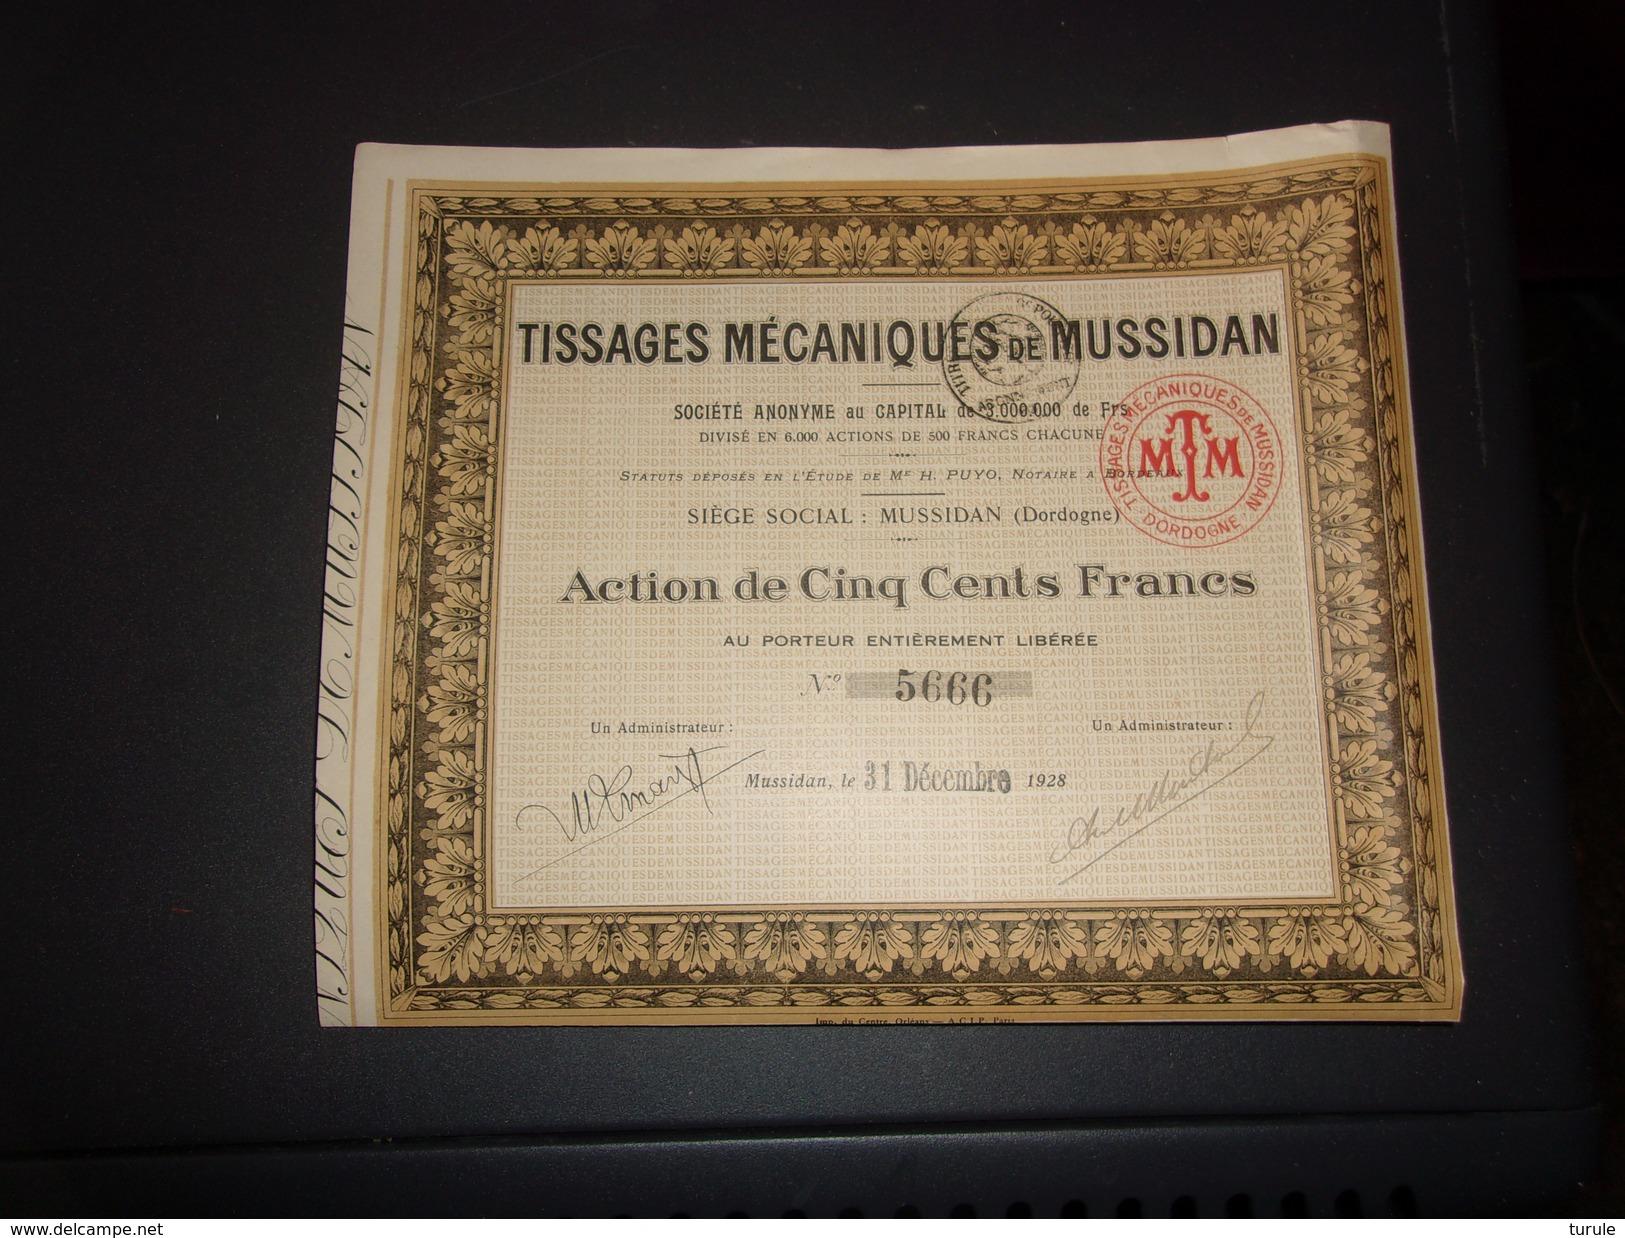 TISSAGES MECANIQUES DE MUSSIDAN (500 Francs) DORDOGNE - Unclassified